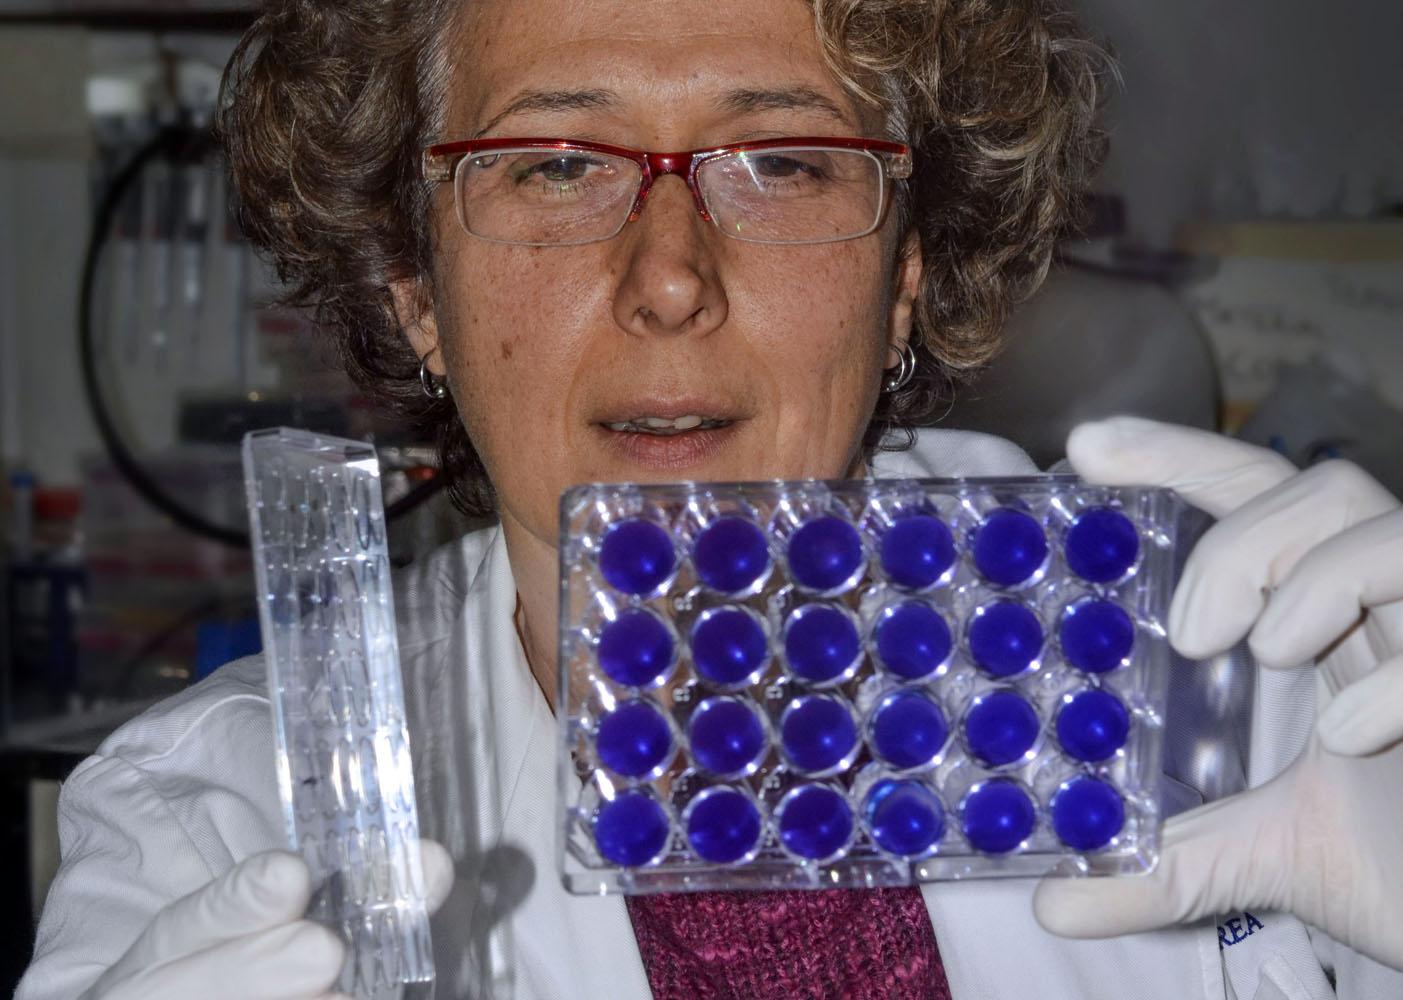 Dra. Andrea Gamanik